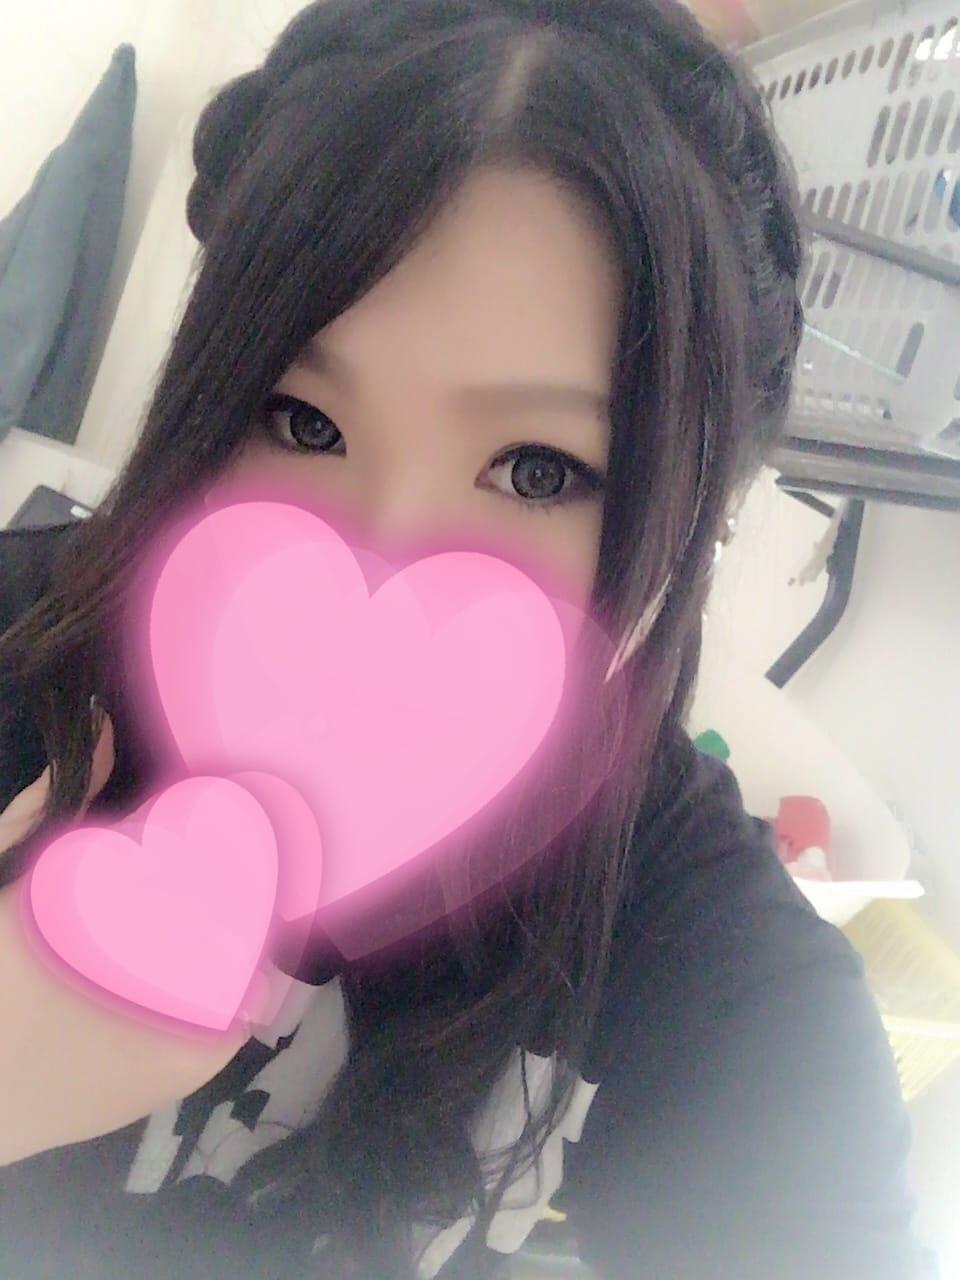 「とうちゃーく☆」03/18(03/18) 19:28   七志の写メ・風俗動画